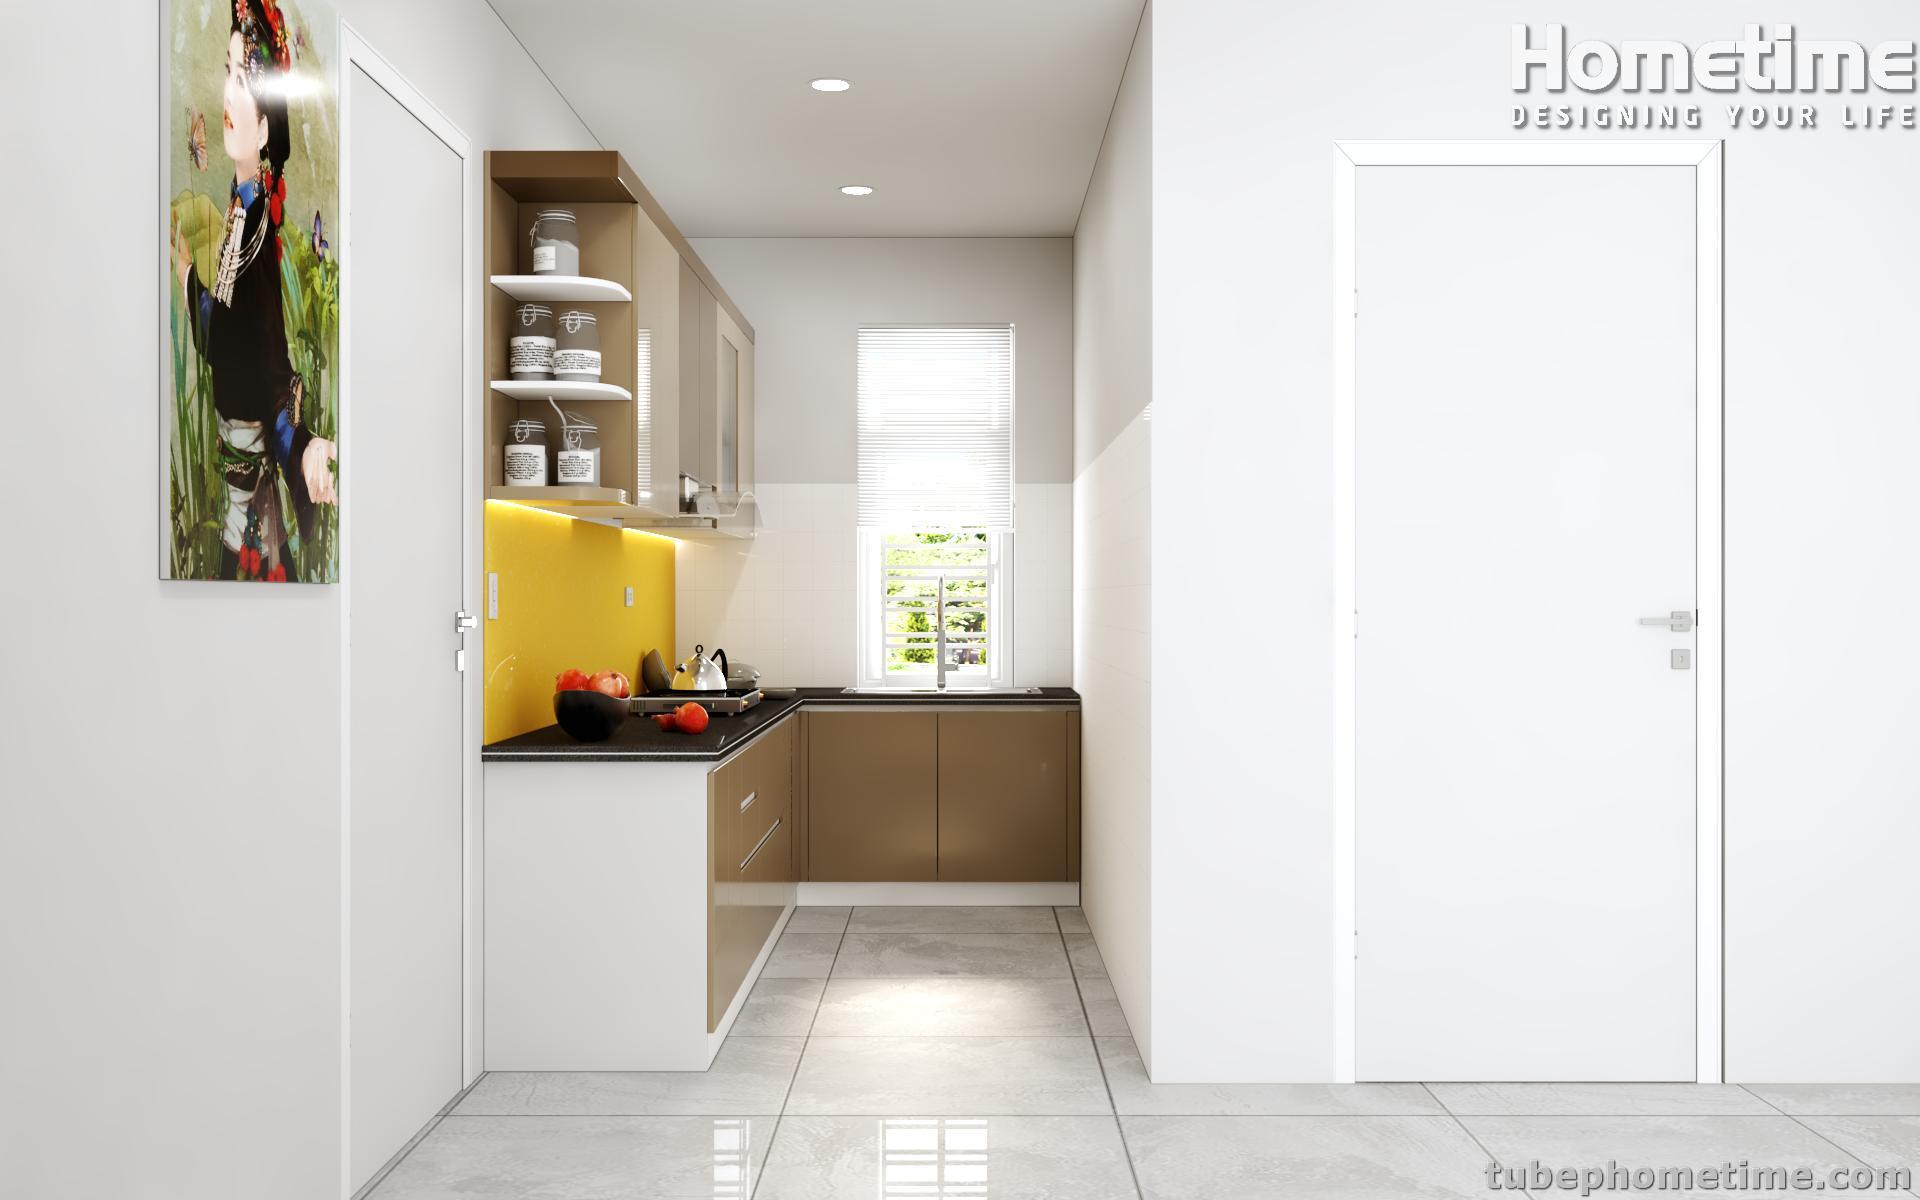 Hình ảnh tủ bếp qua góc nghiêng khác